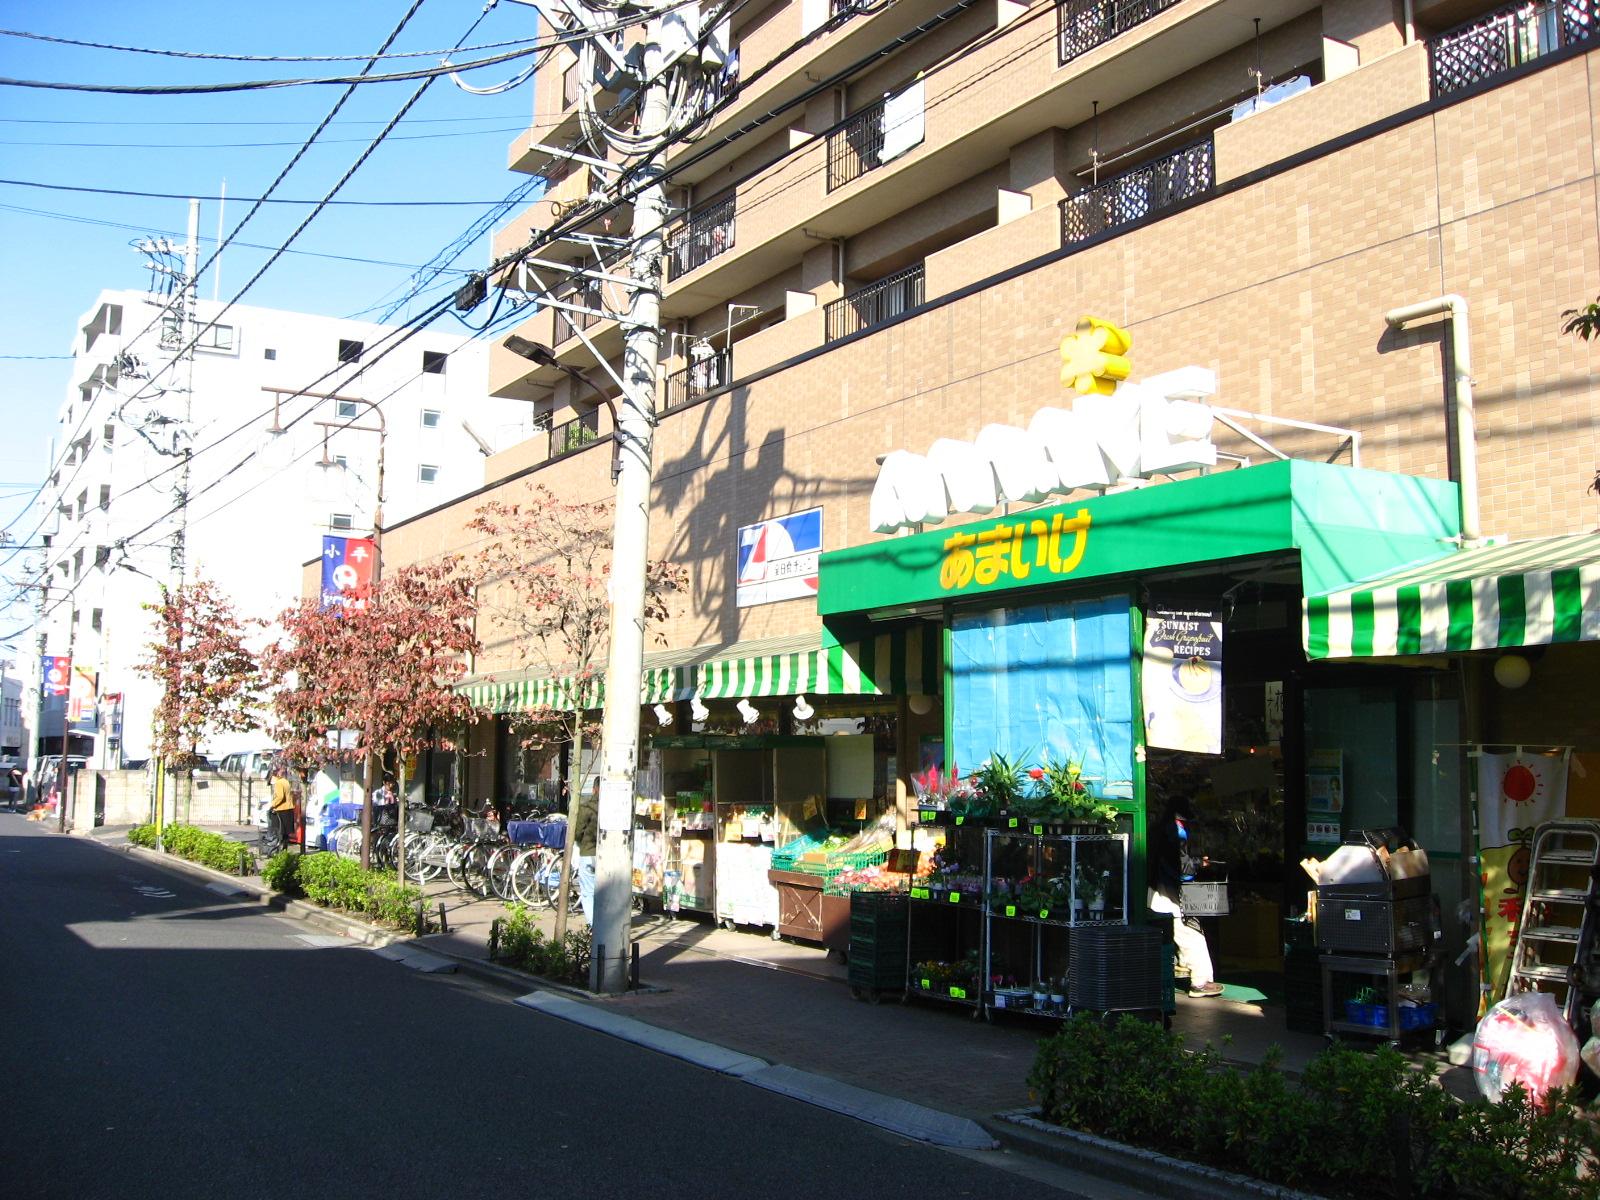 スーパー スーパーあまいけ小平店(スーパー)まで230m